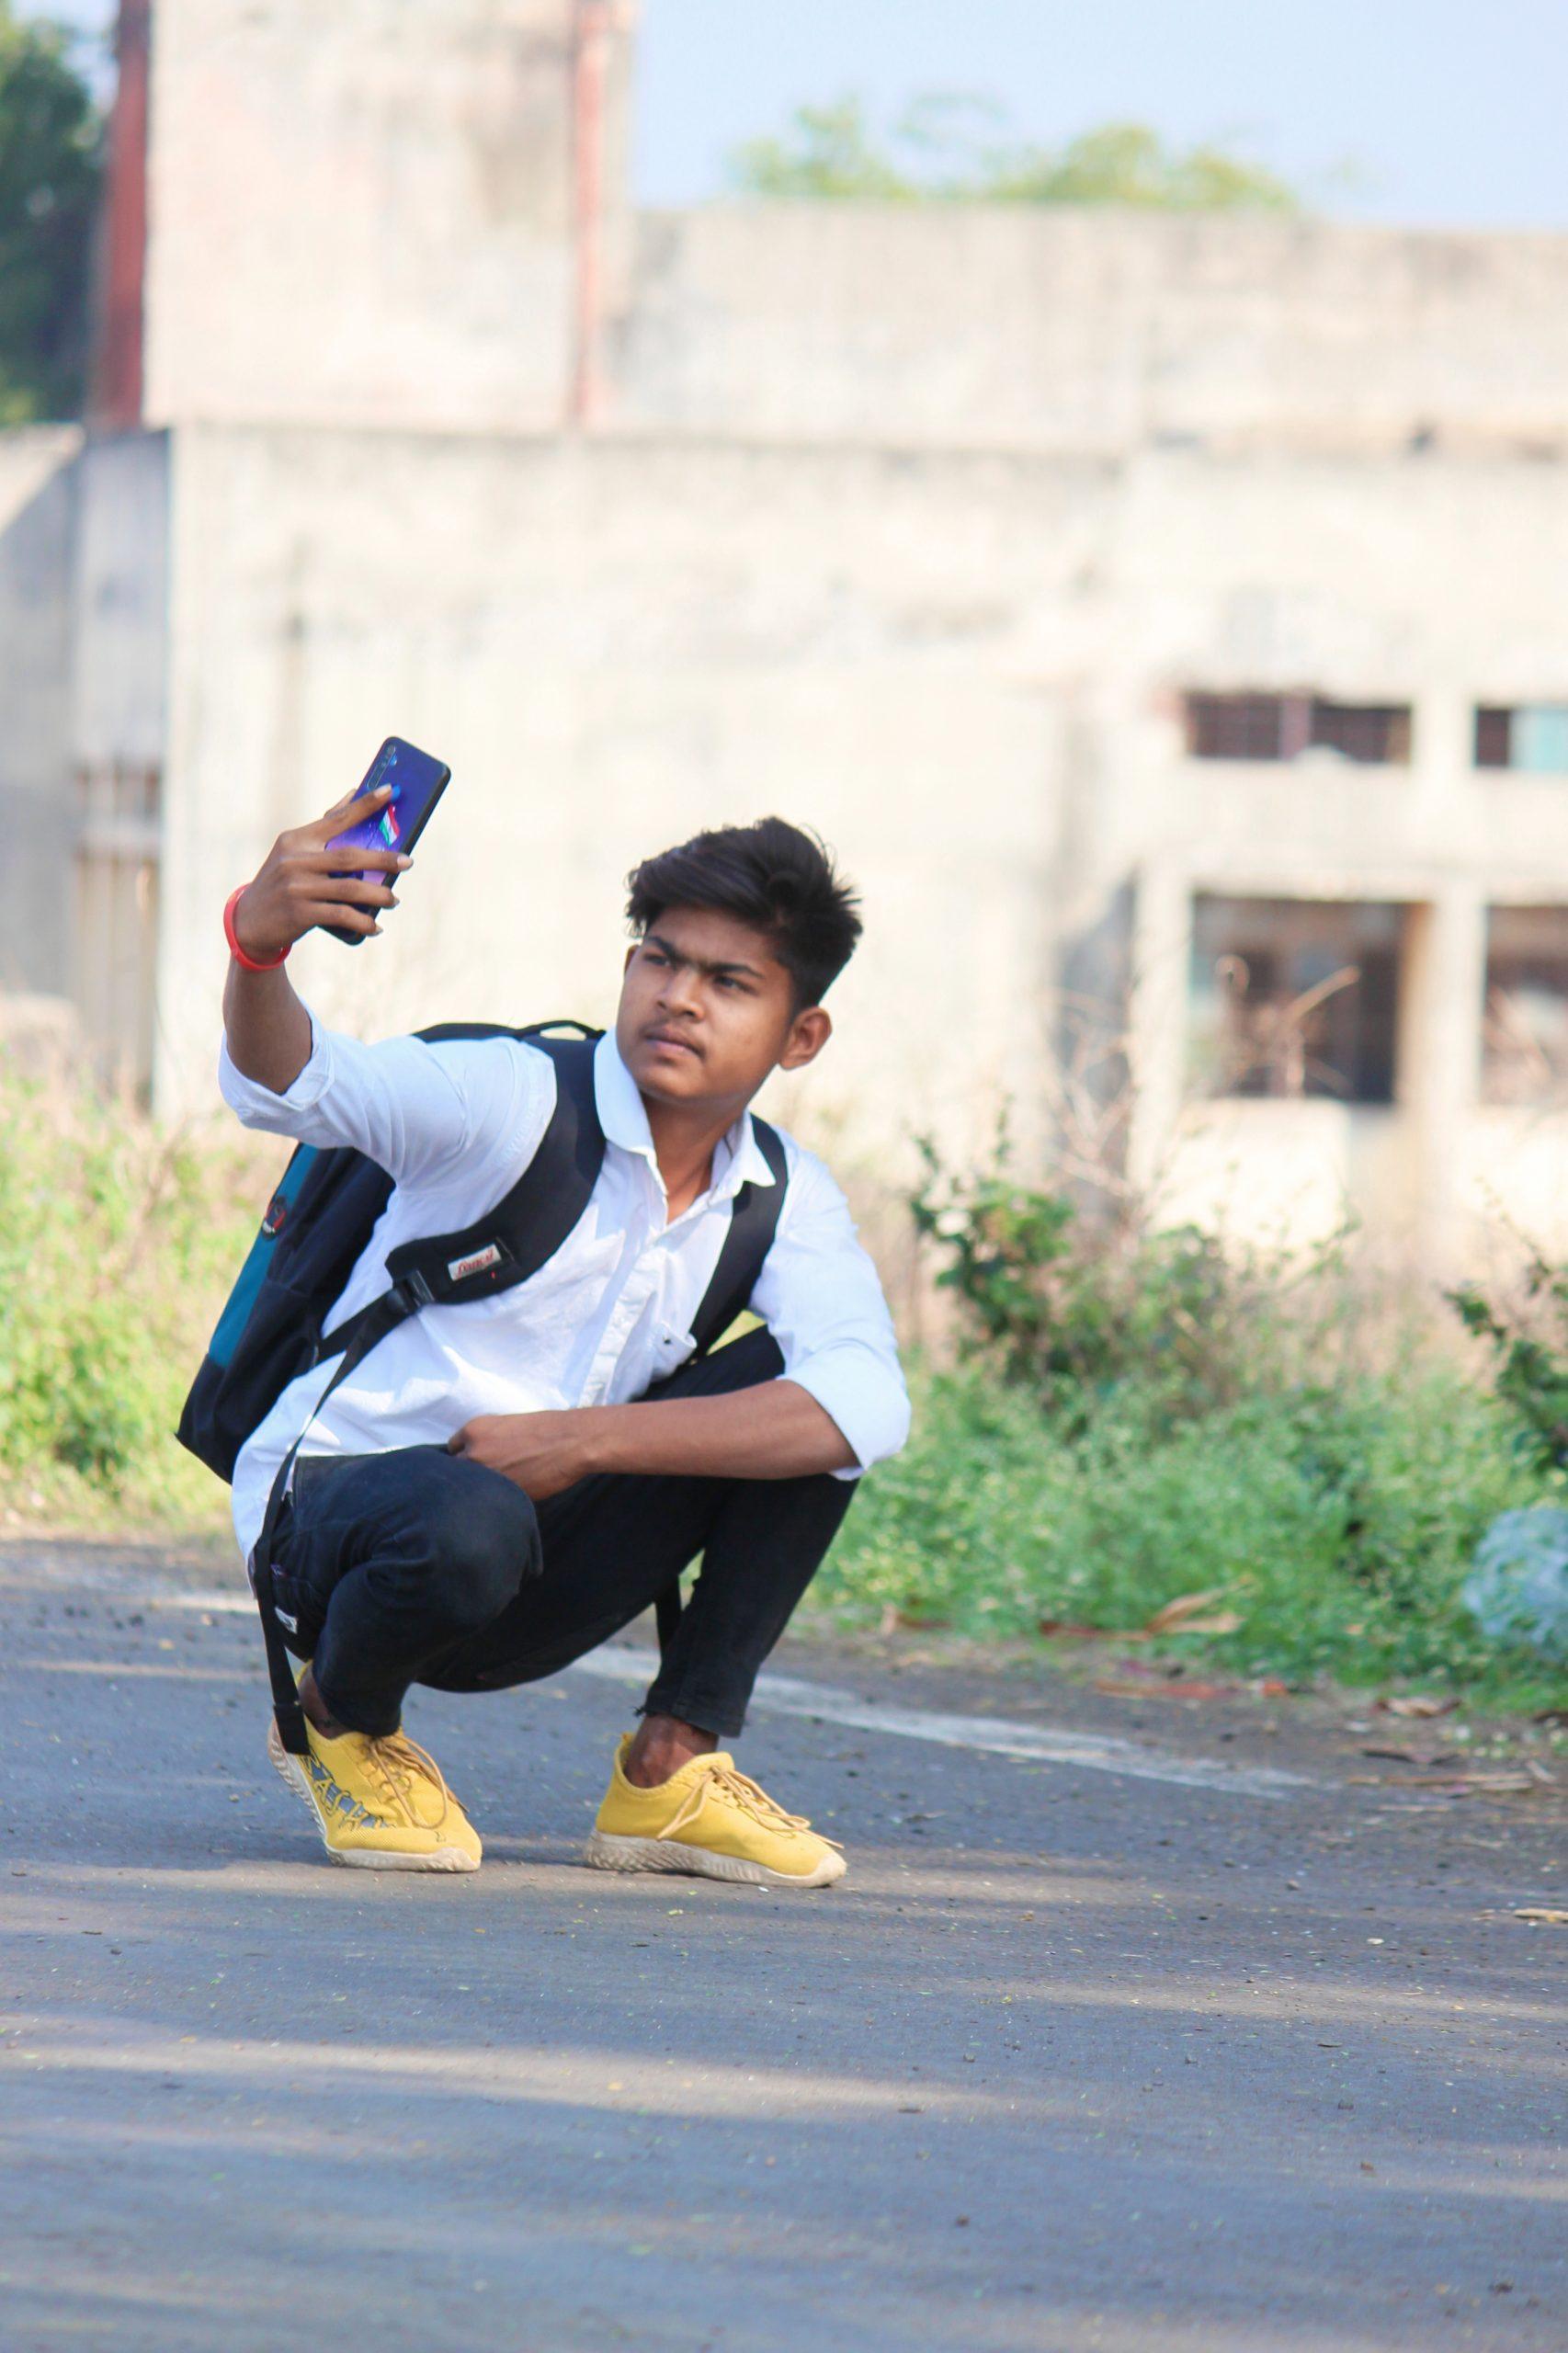 A boy taking selfie on road